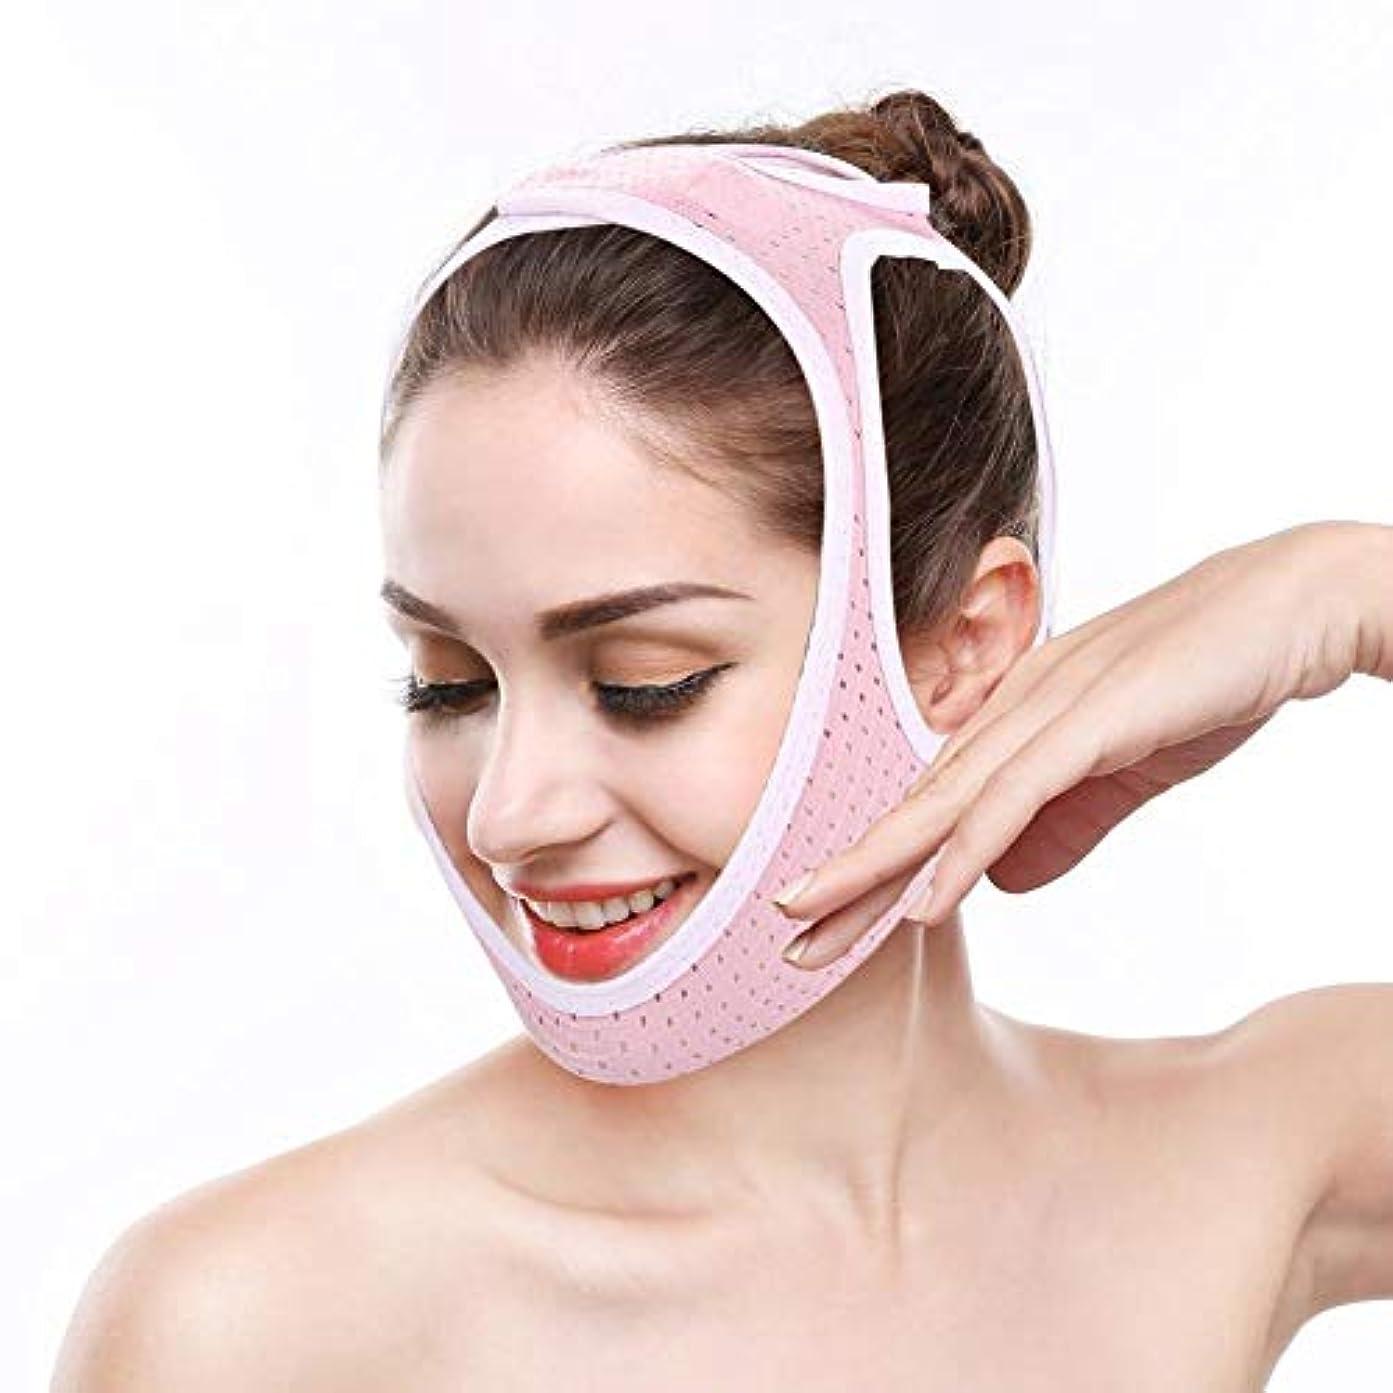 甘味降下爆発する二重あごを減らすための減量用フェイスマスク、減量用フェイスマスク(L)